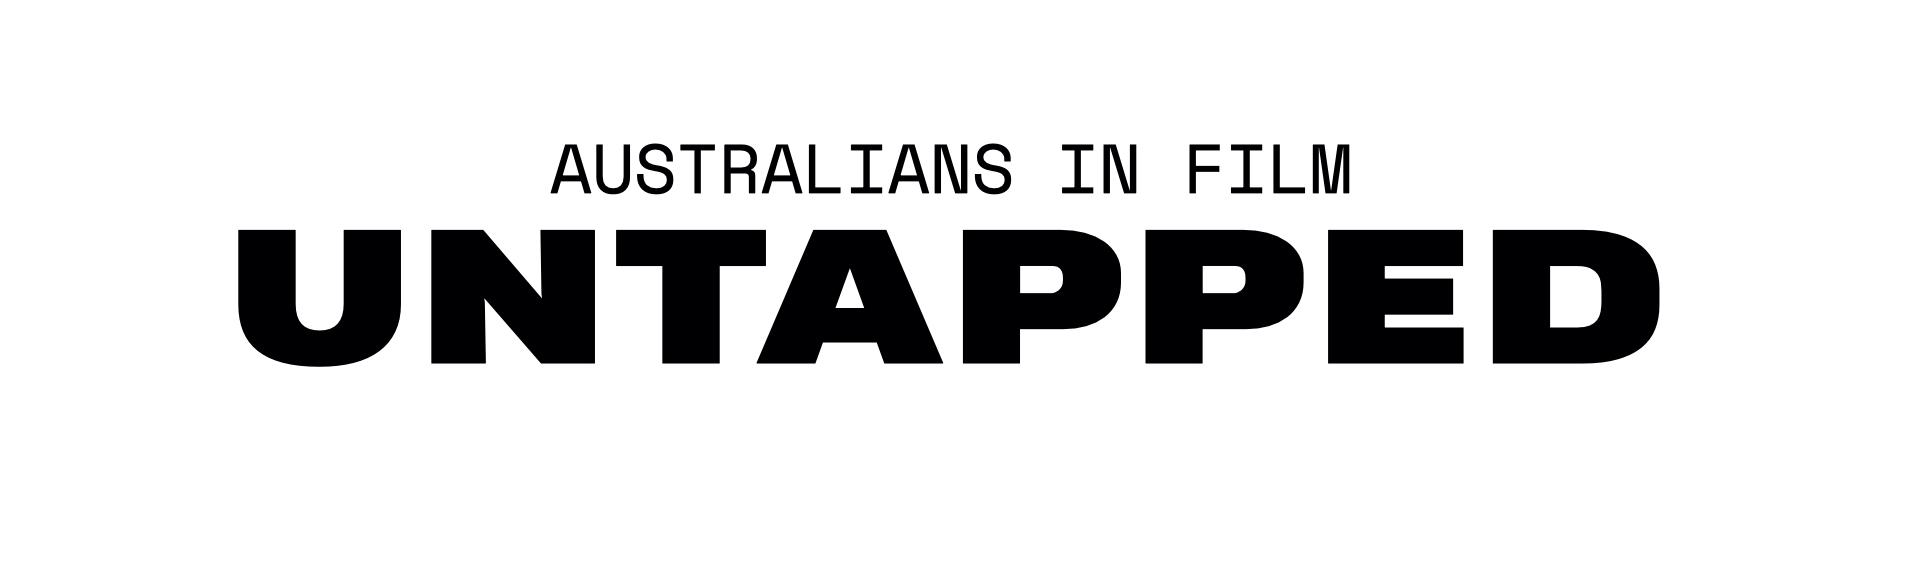 Untapped logo.001